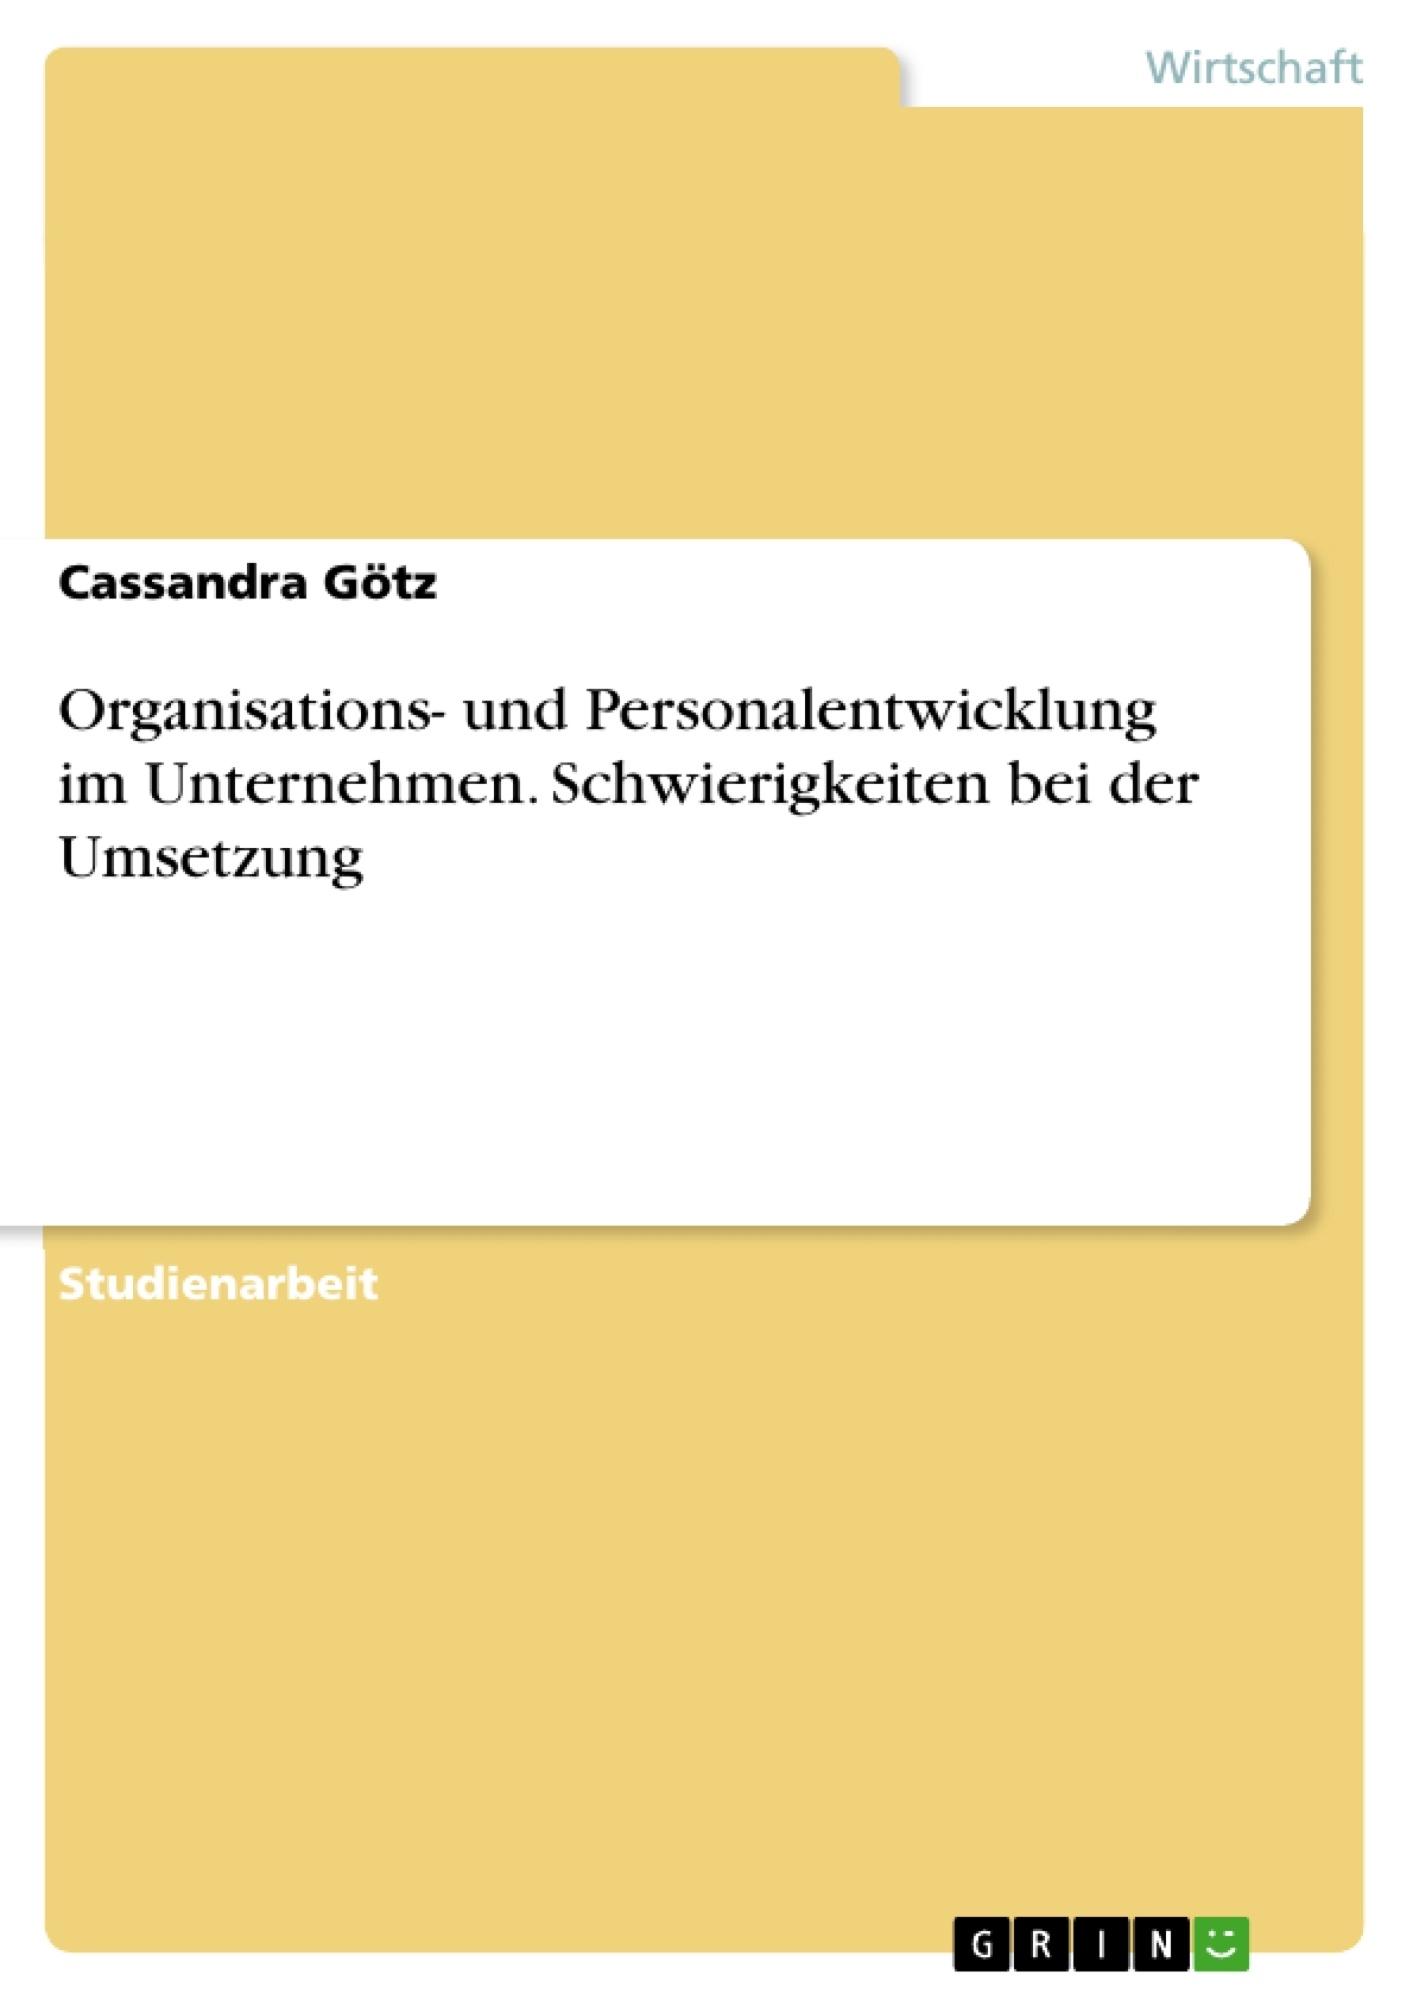 Titel: Organisations- und Personalentwicklung im Unternehmen. Schwierigkeiten bei der Umsetzung